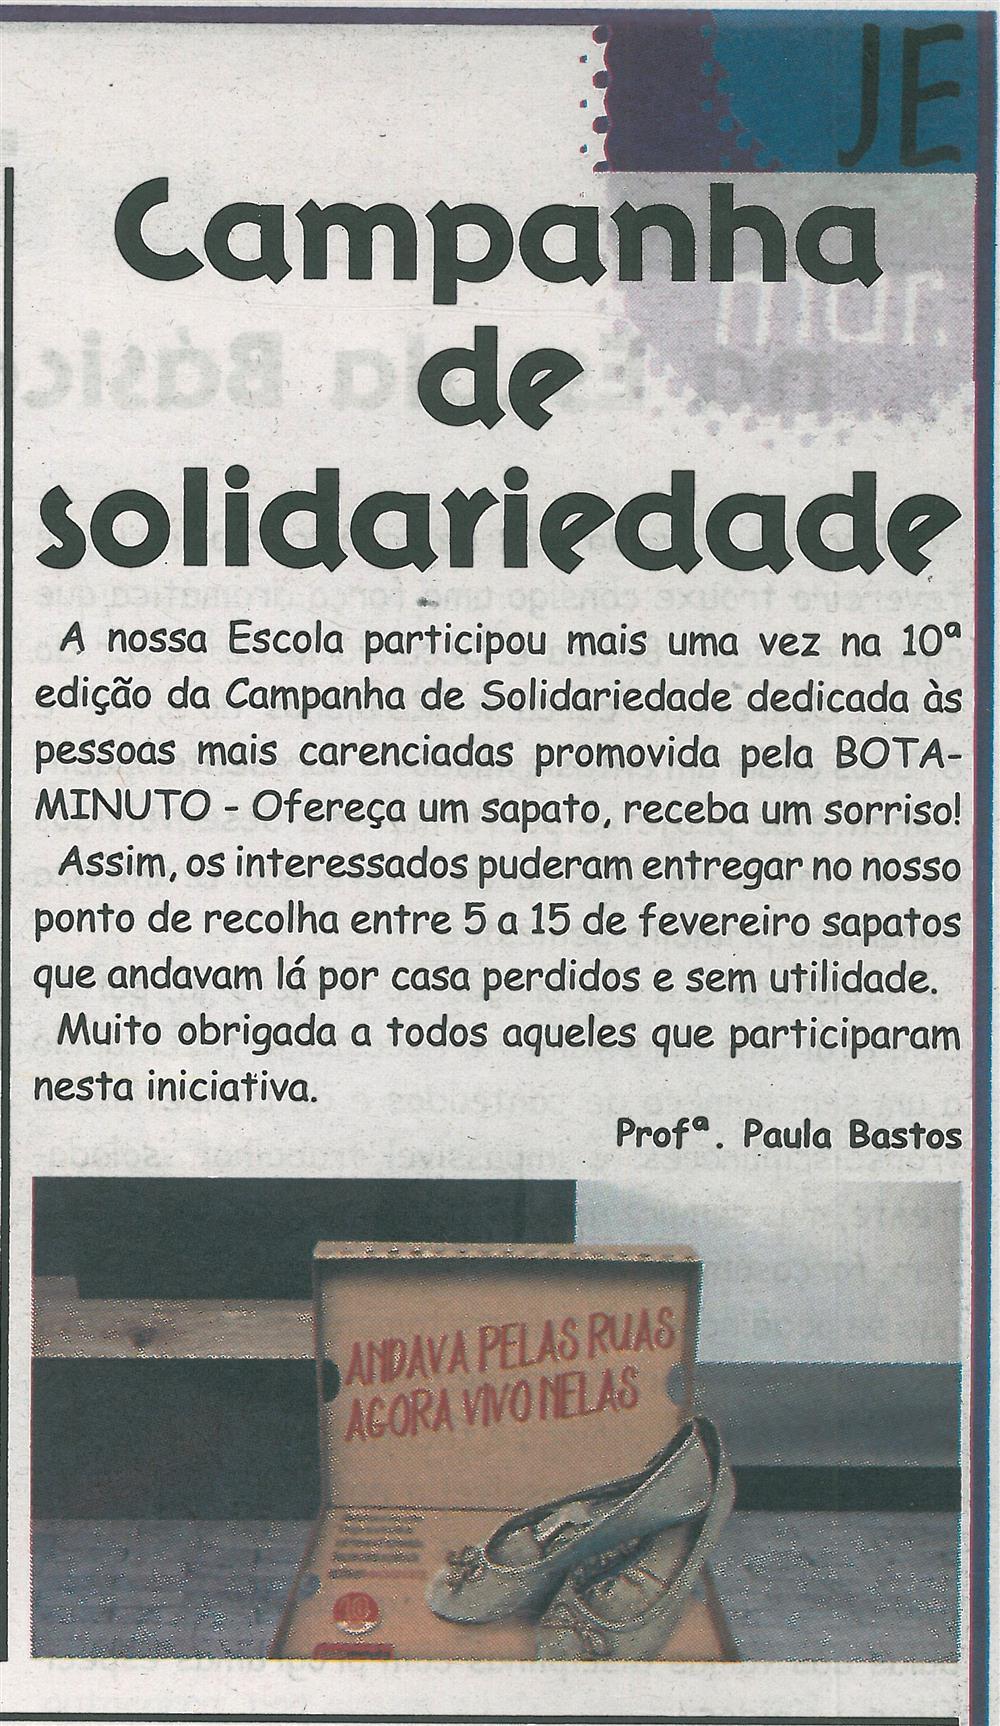 JE-mar.'18-p.3-Campanha de solidariedade.jpg